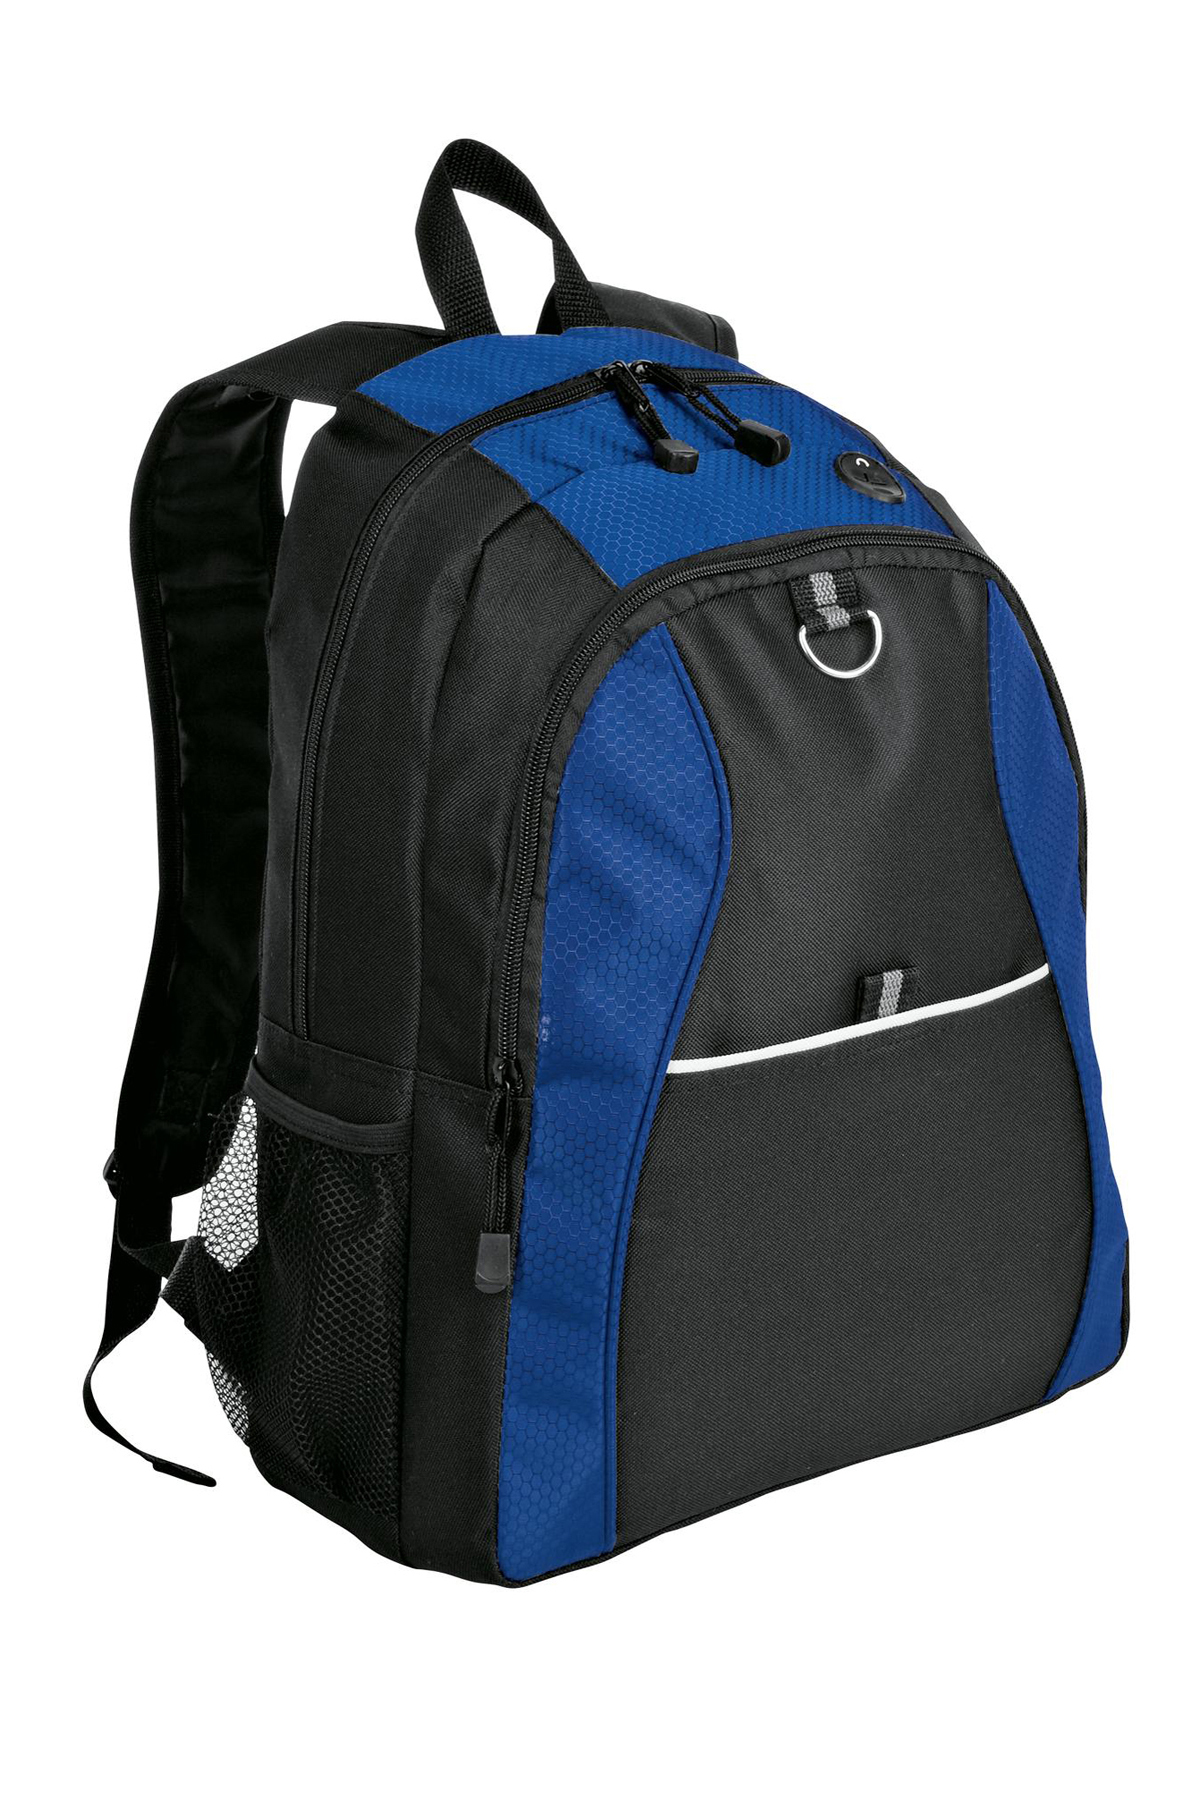 Bags-Backpacks-30